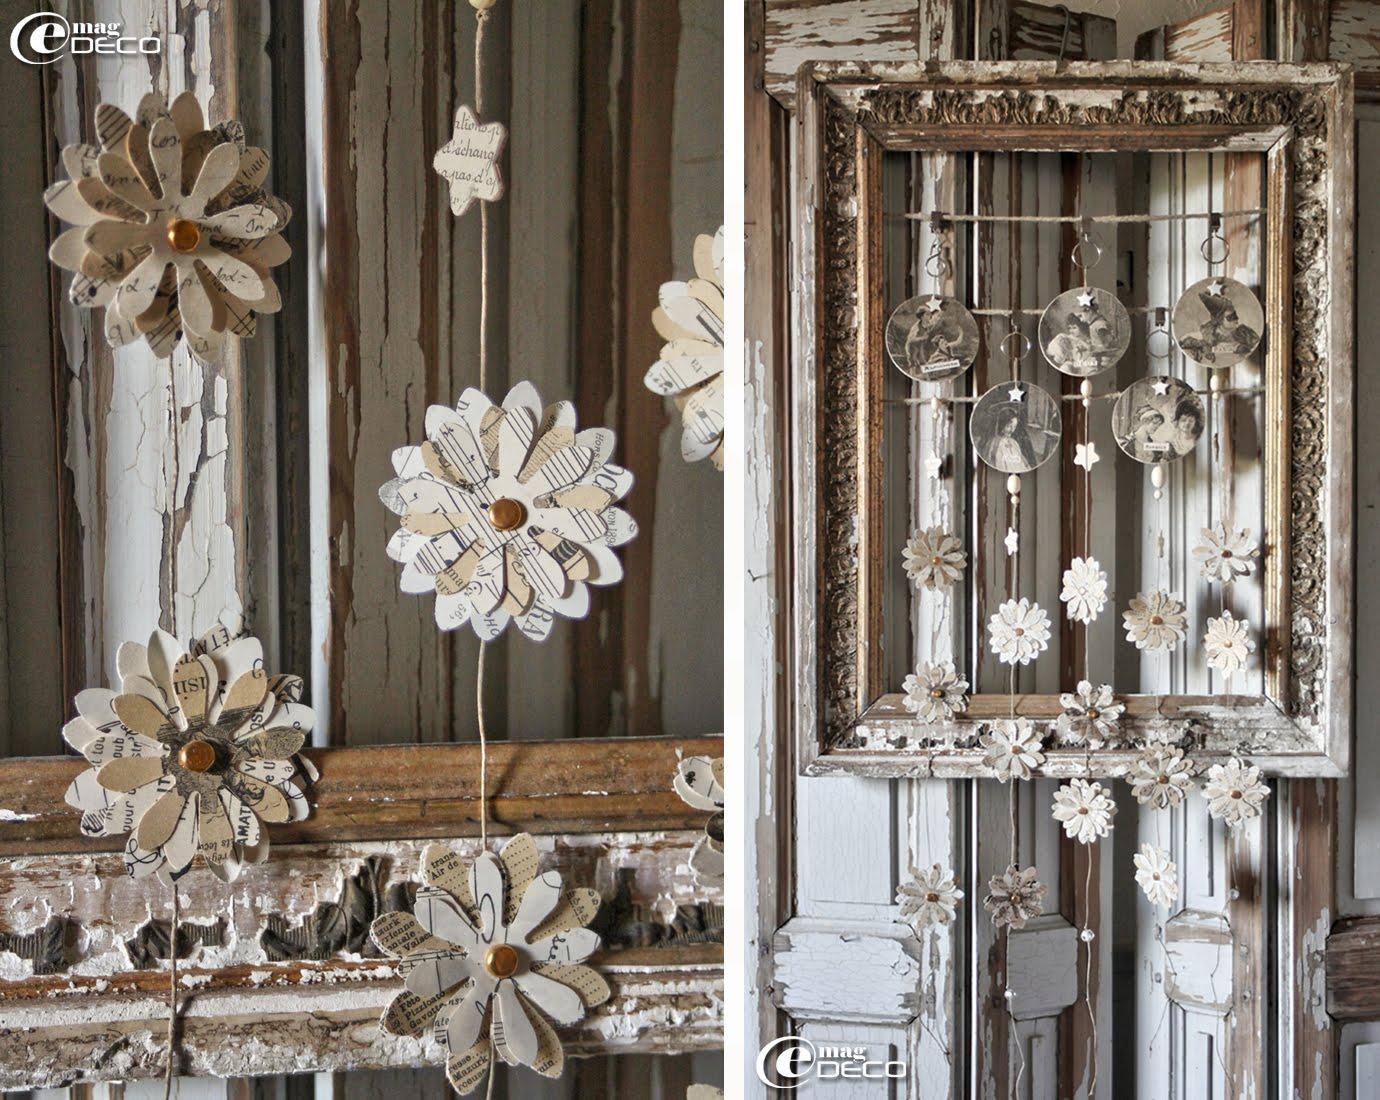 Composition dans un vieux cadre de miroir défraichi de cinq Guirlandes Sylvestre, créations Ciel d'Orage